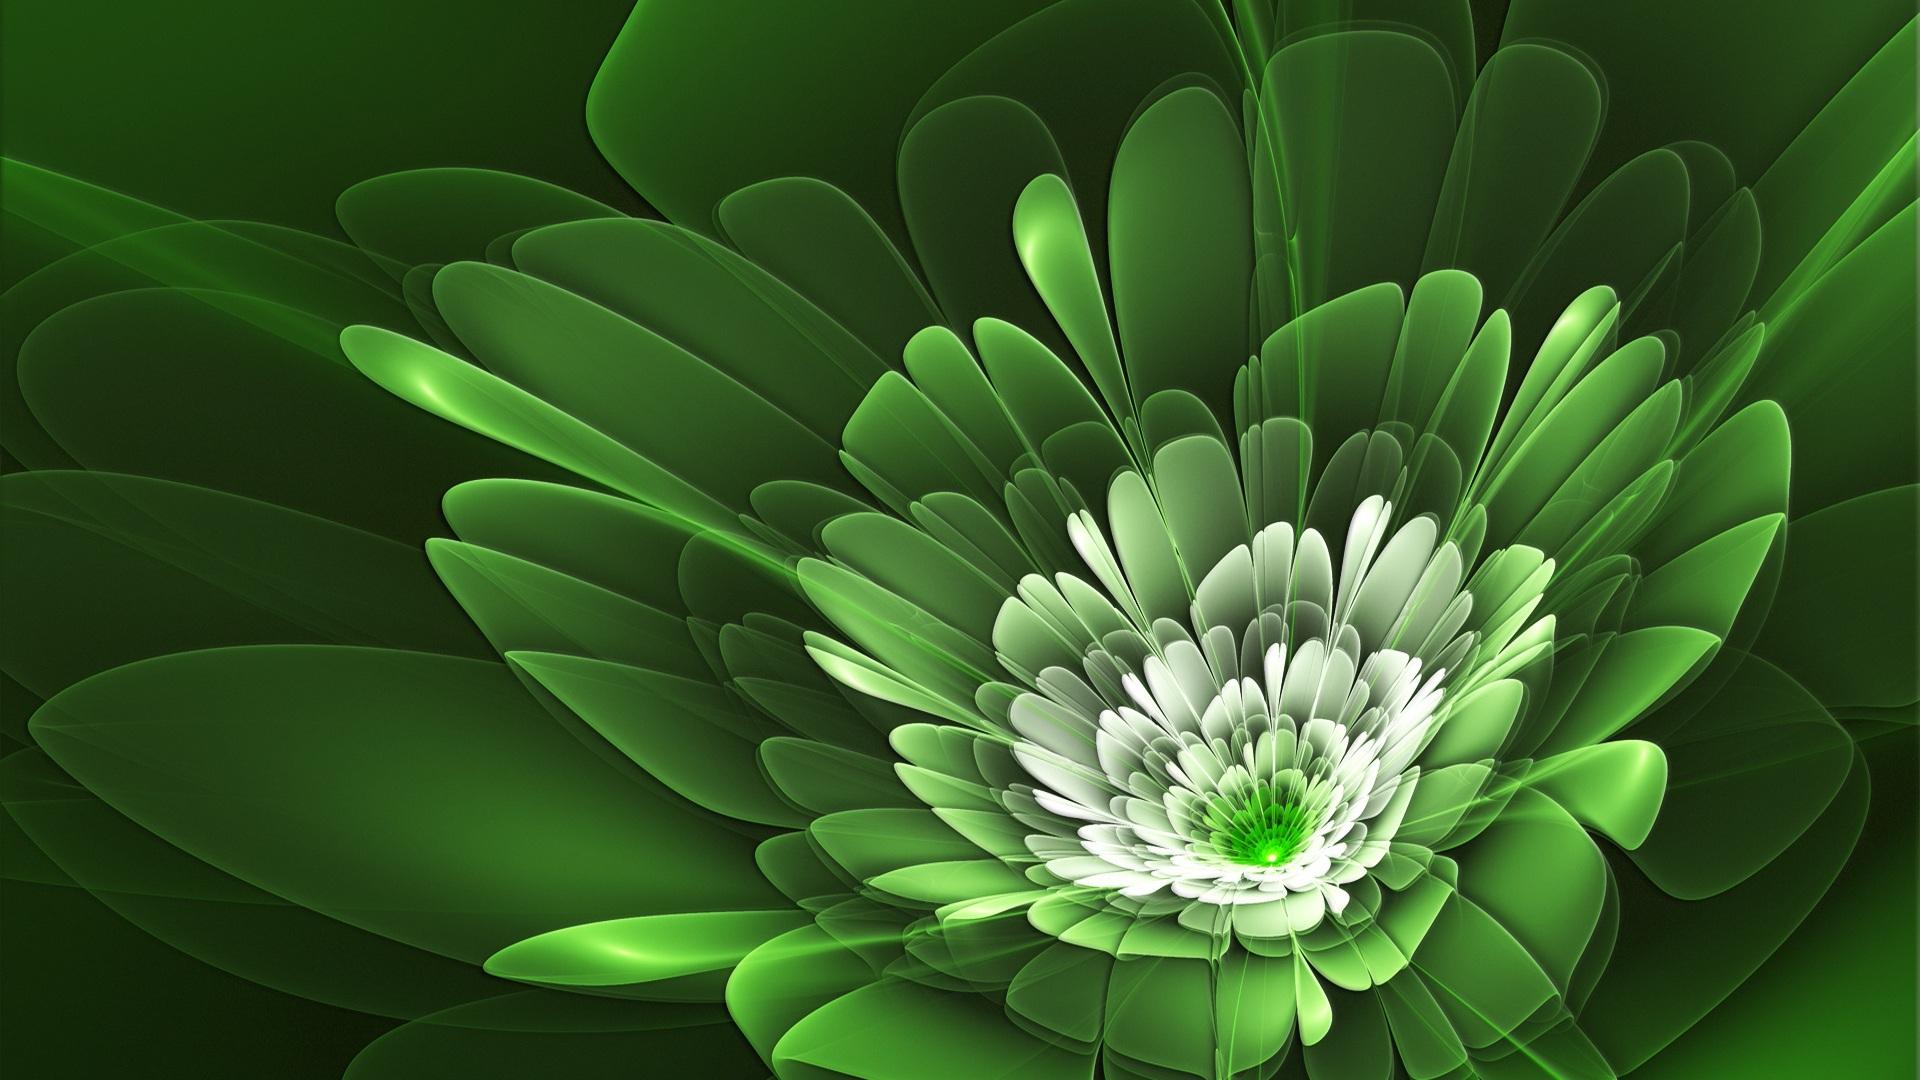 Iphone 5s Wallpaper 3d 壁纸 花瓣是绿色的 1920x1200 Hd 高清壁纸 图片 照片